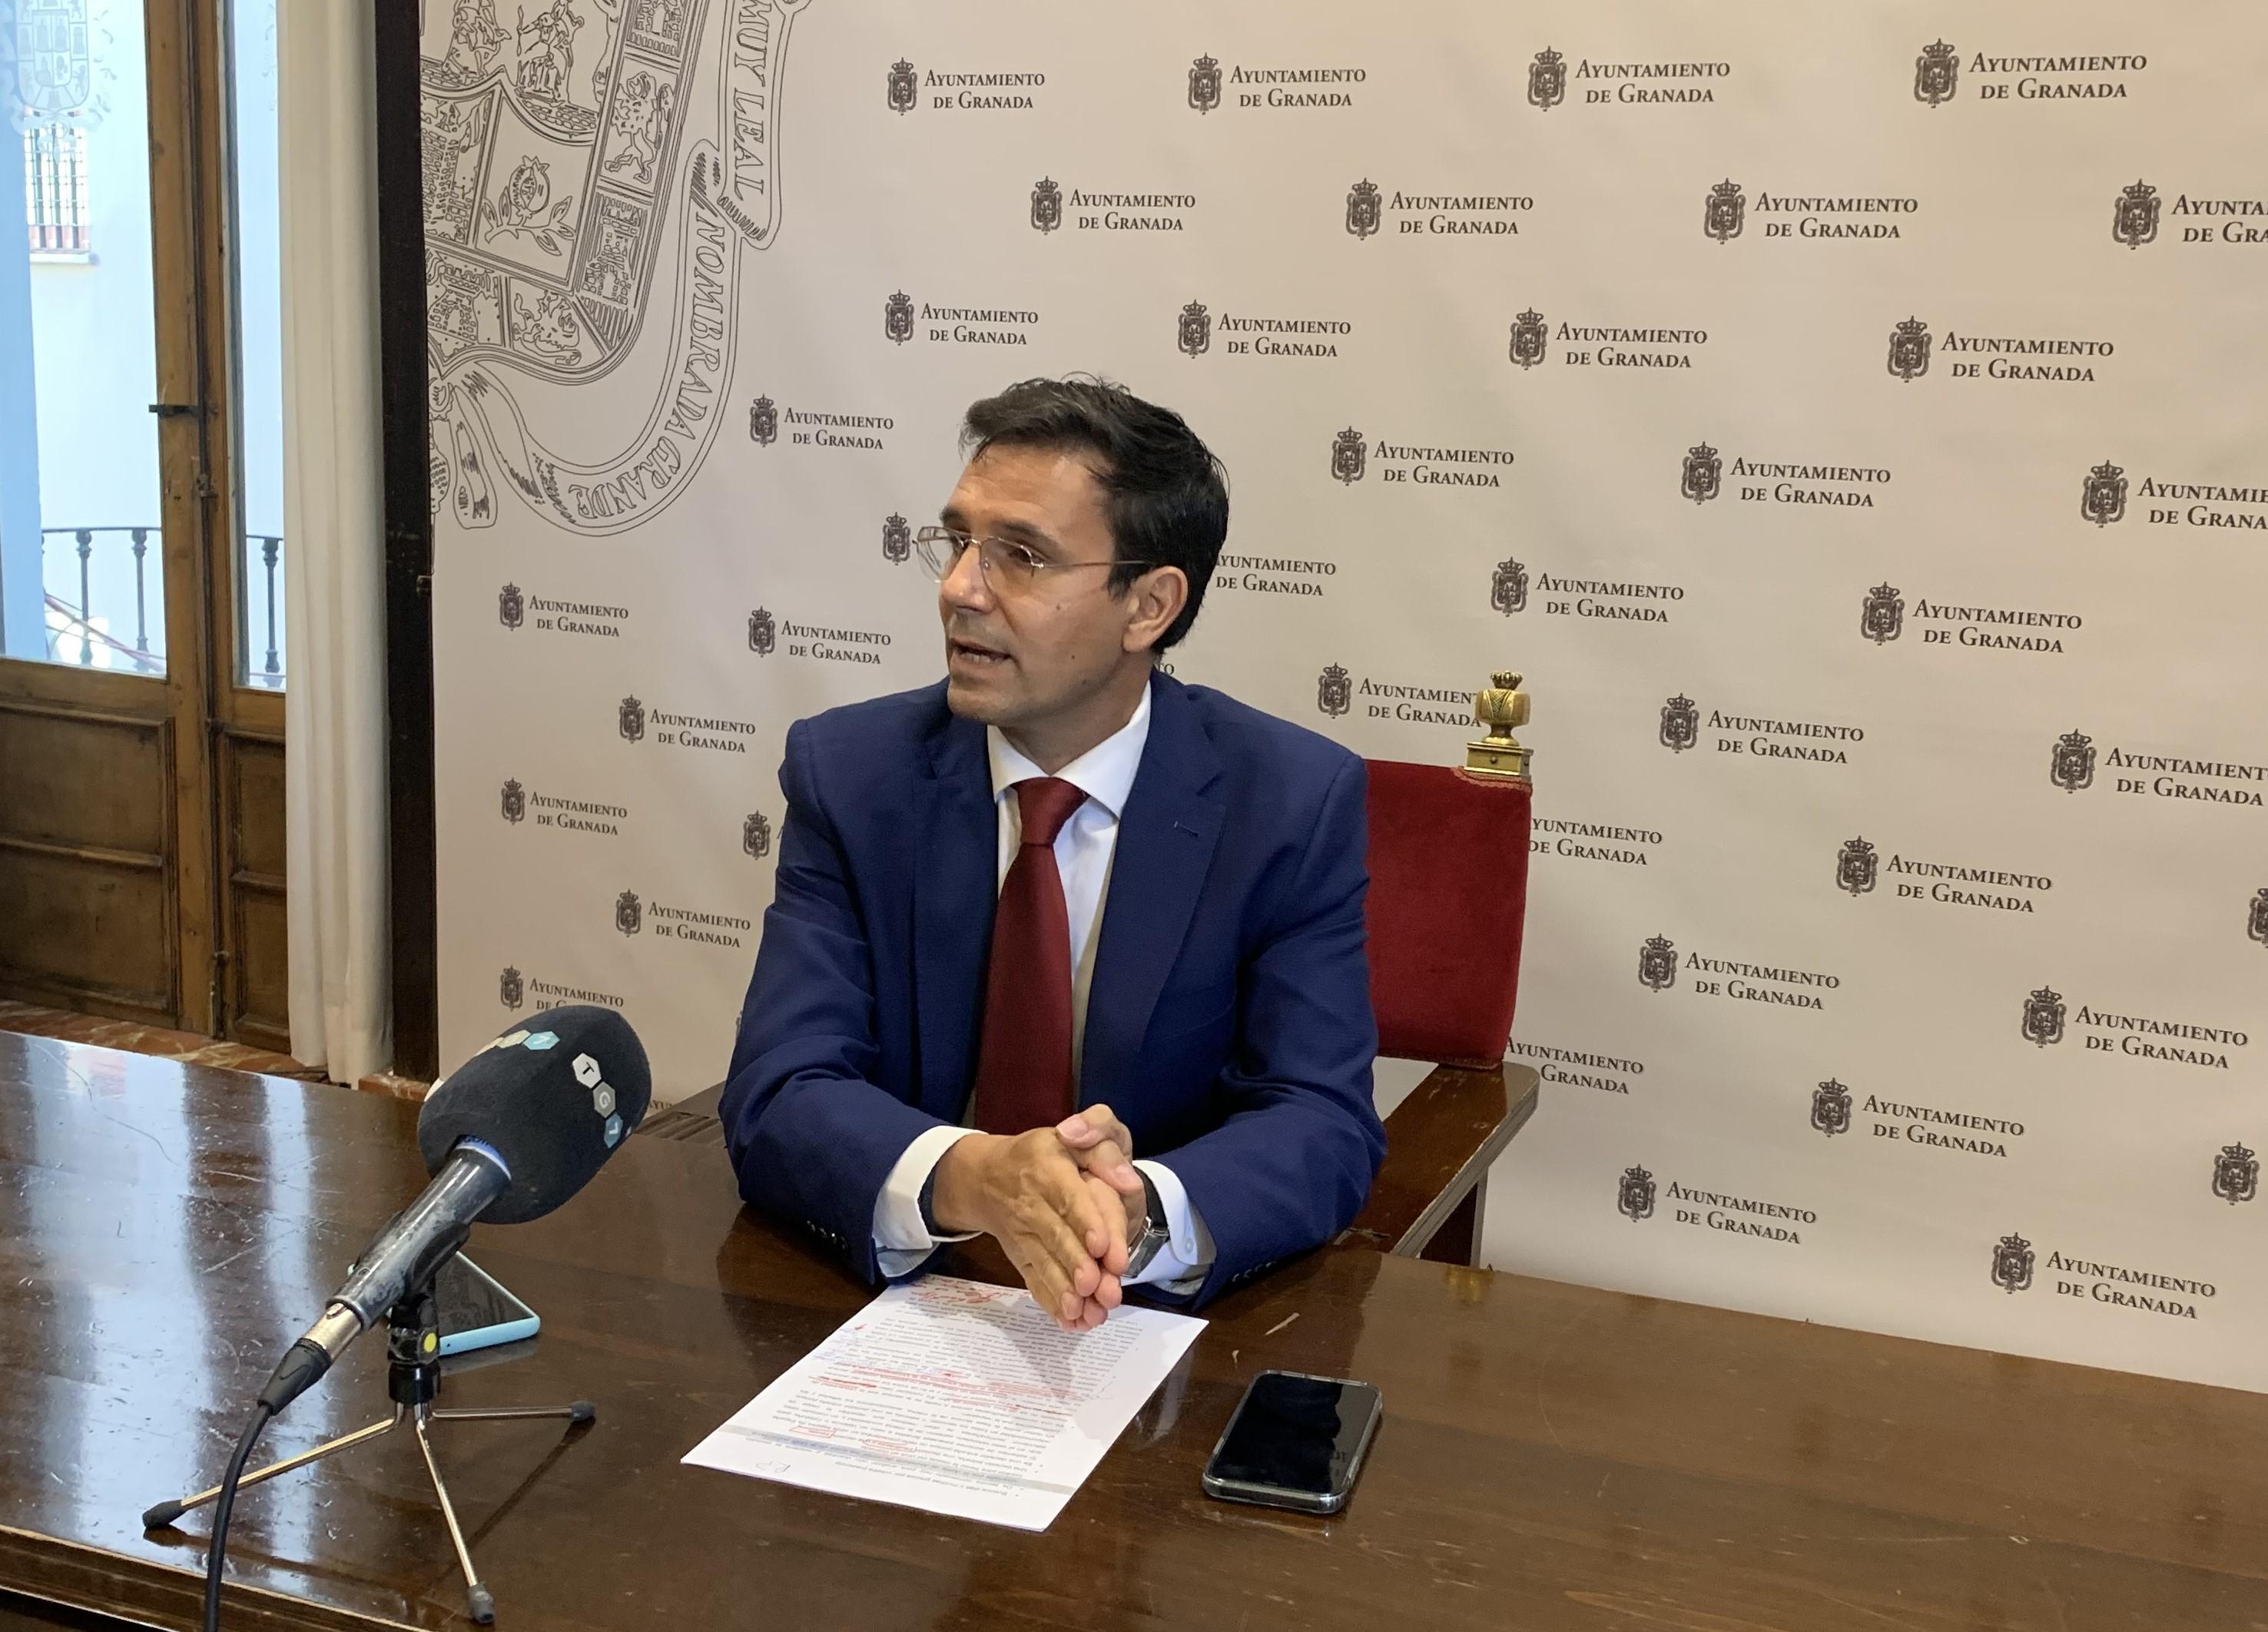 Cuenca exige responsabilidades al Alcalde por no pedir ayudas europeas para combatir los efectos de la pandemia